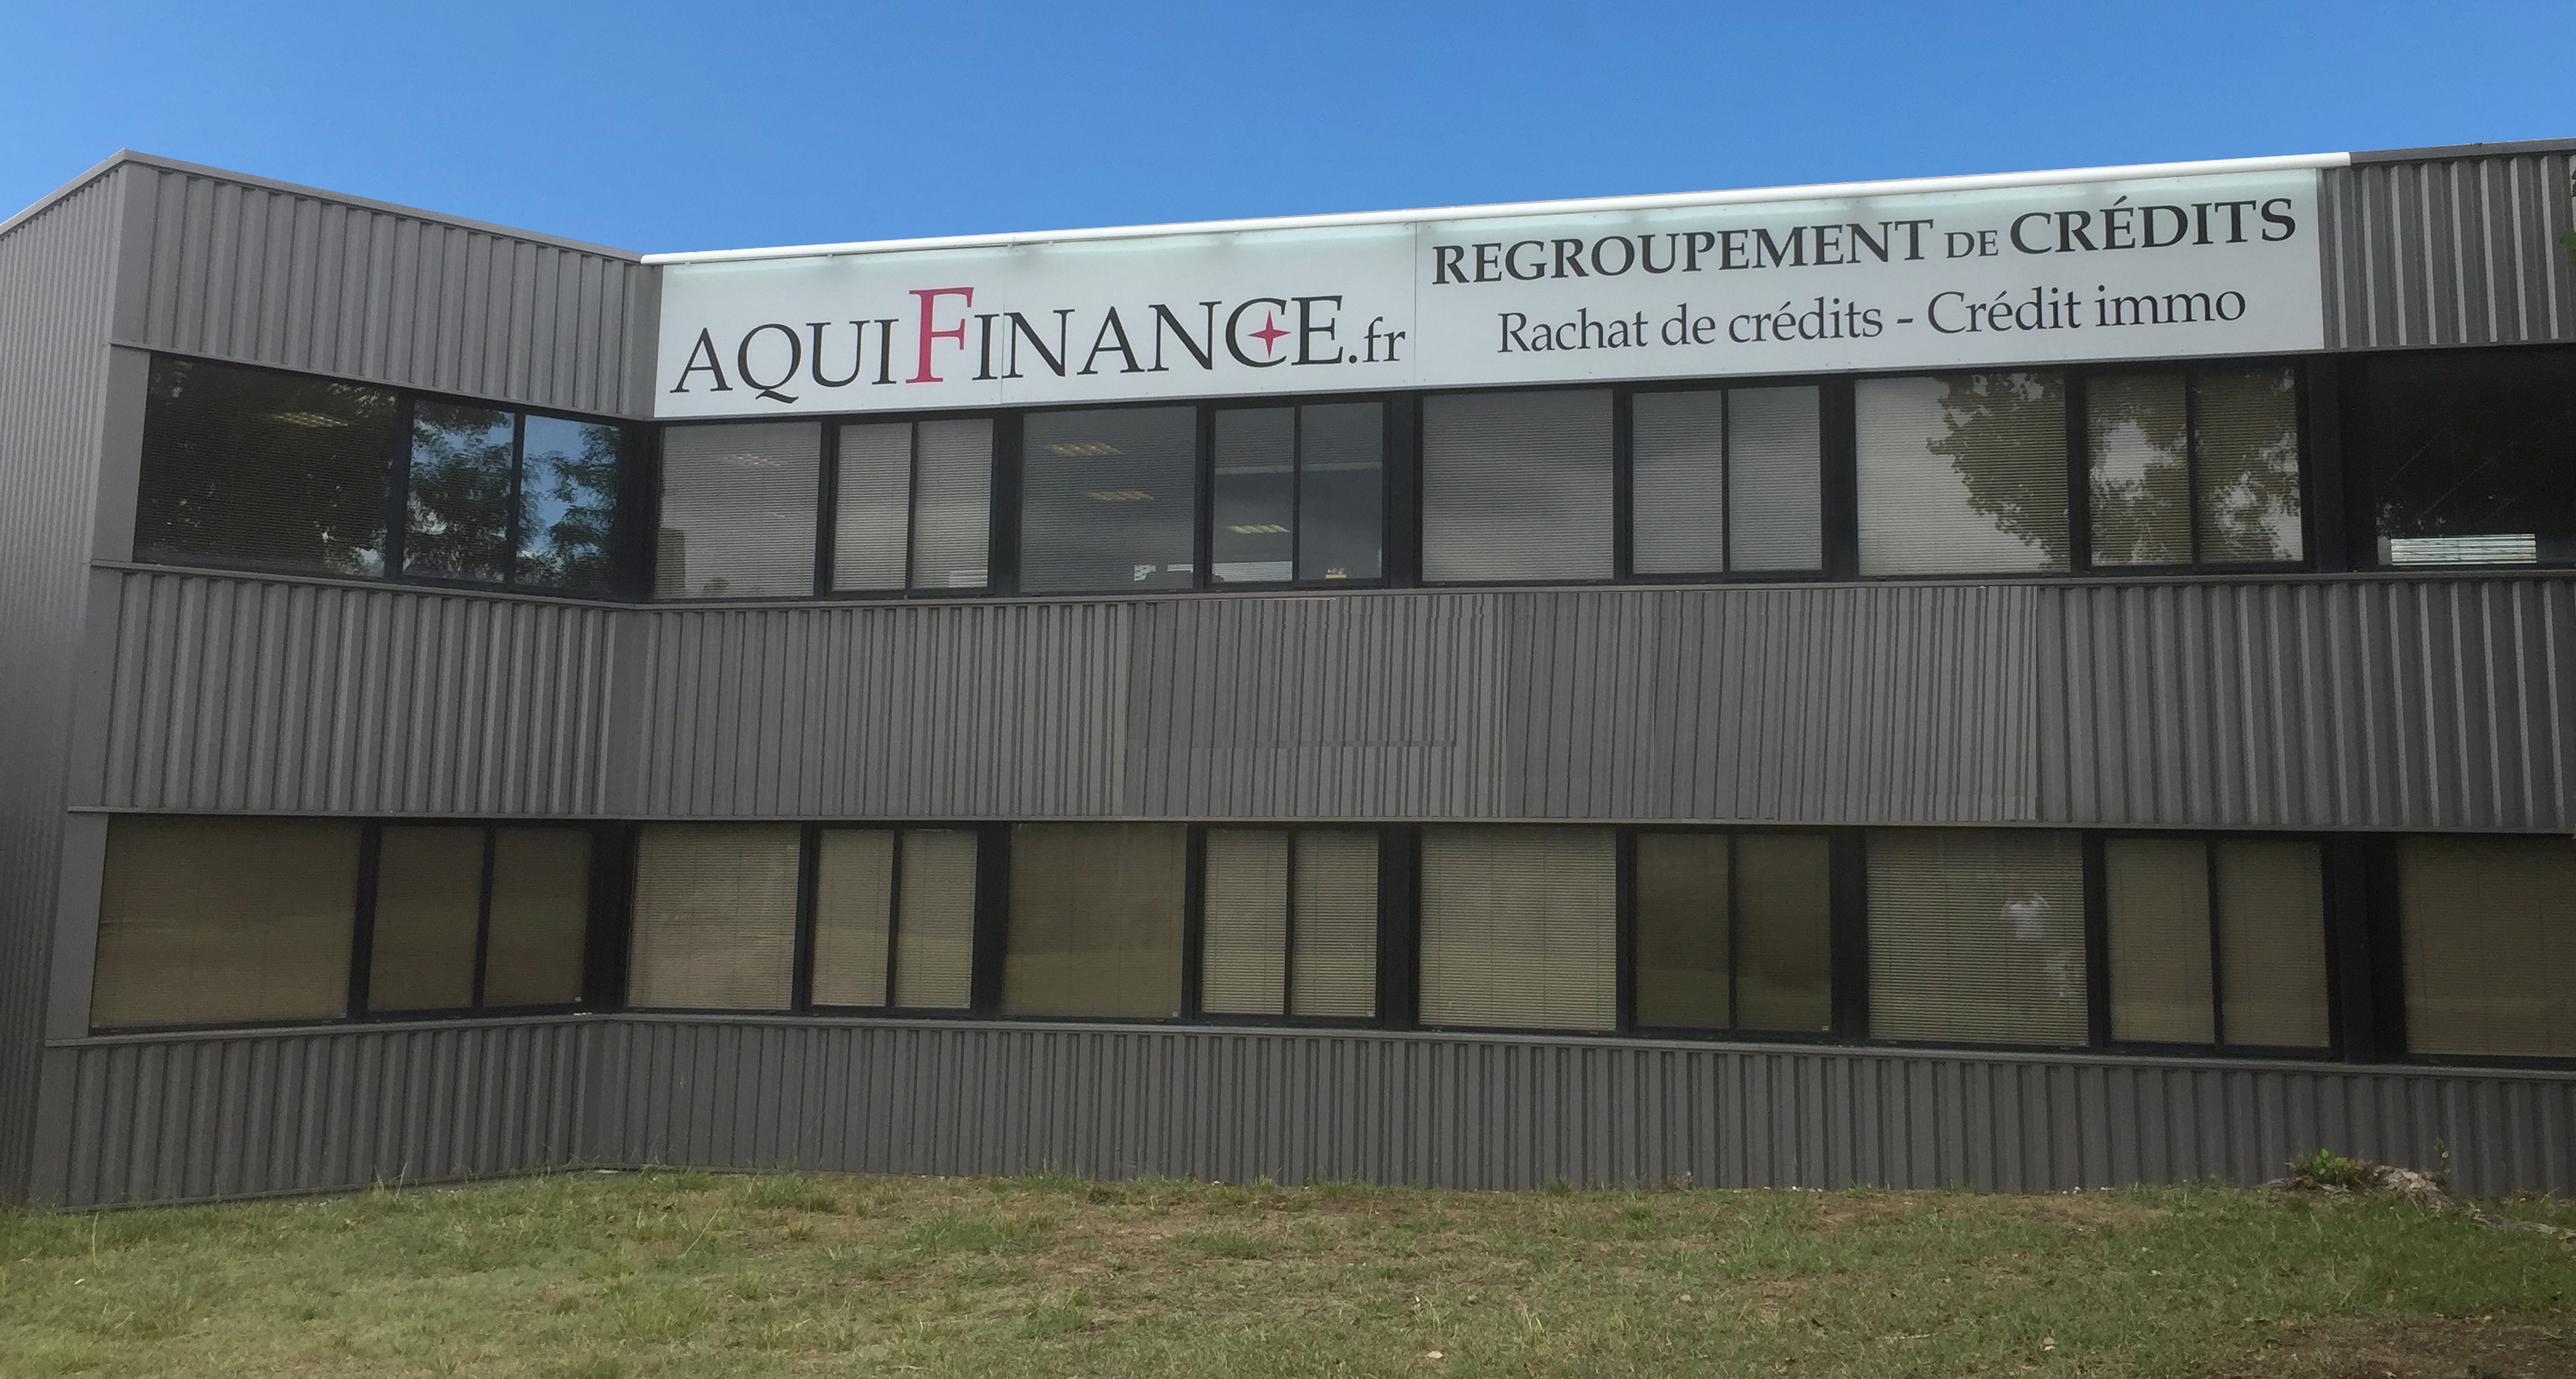 siège social d?Aquifinance, expert en Rachat de crédits à Bordeaux